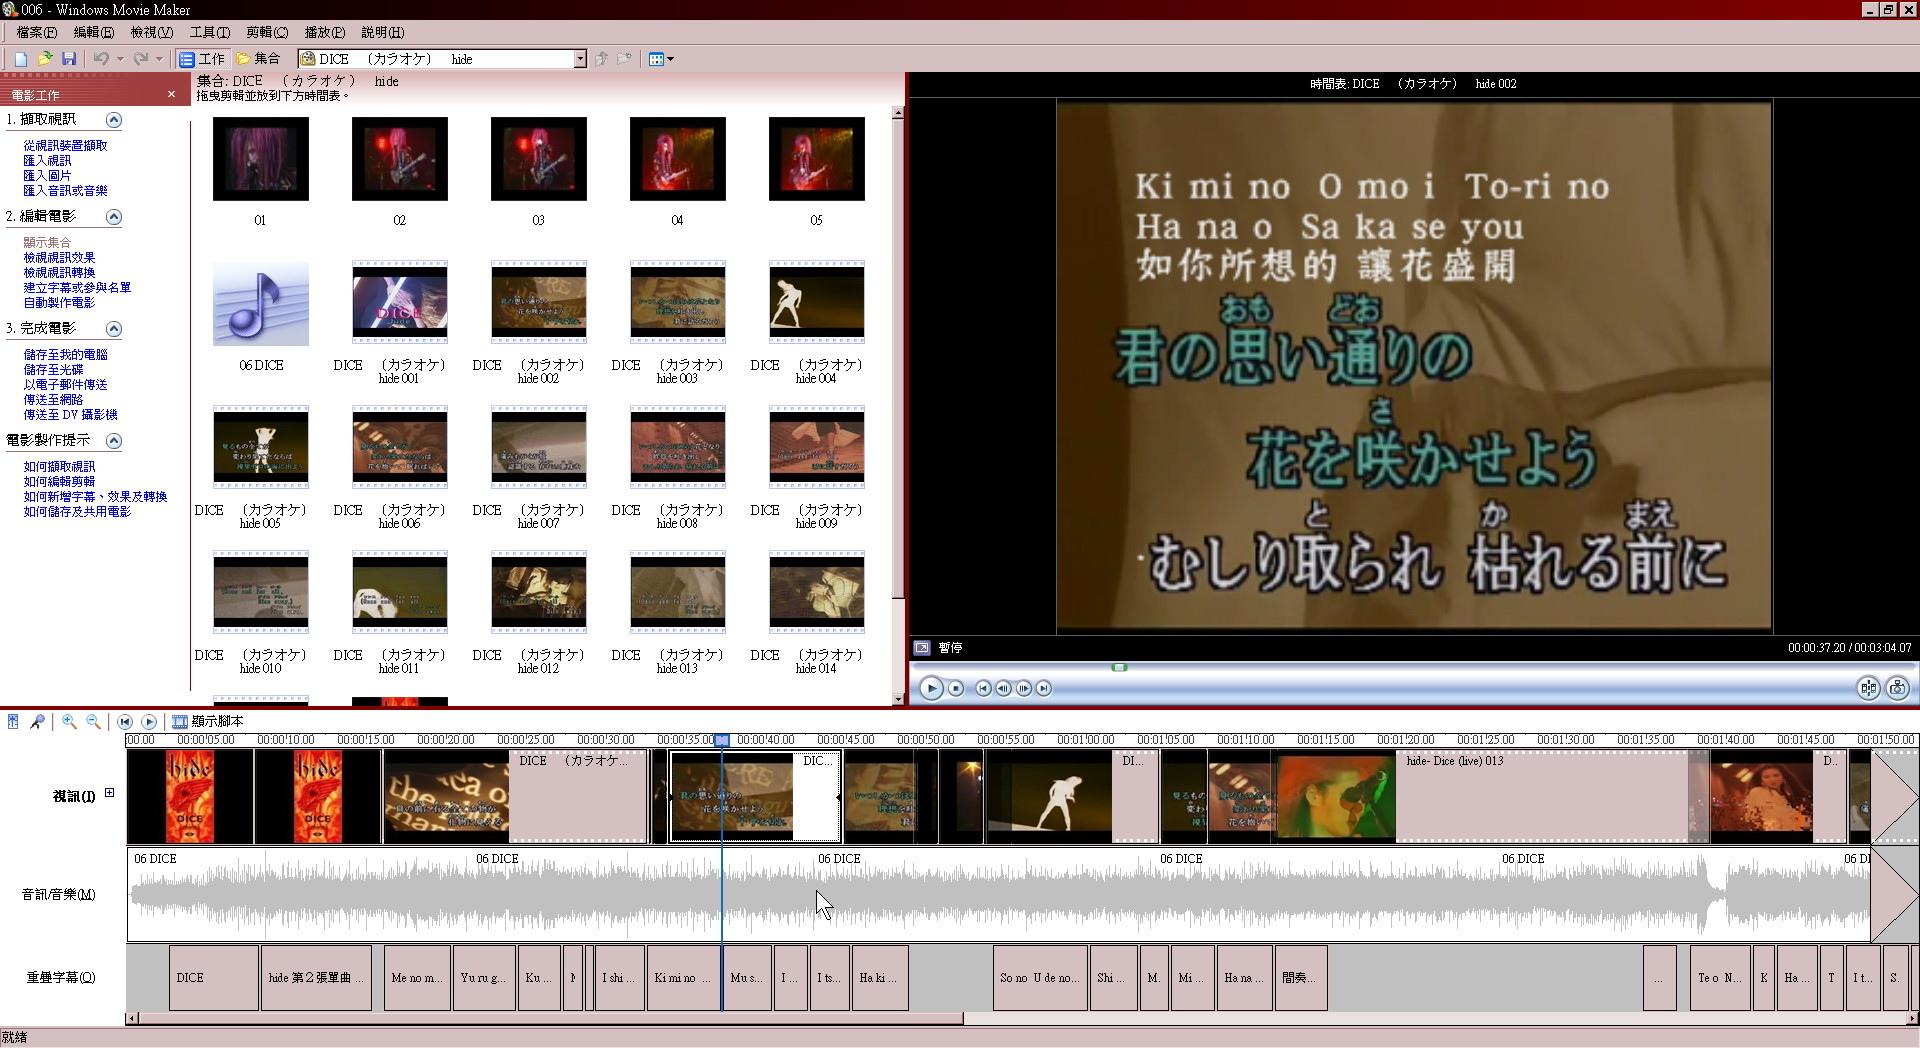 [karaok] hide/DICE (1994)-05 製作畫面.jpg